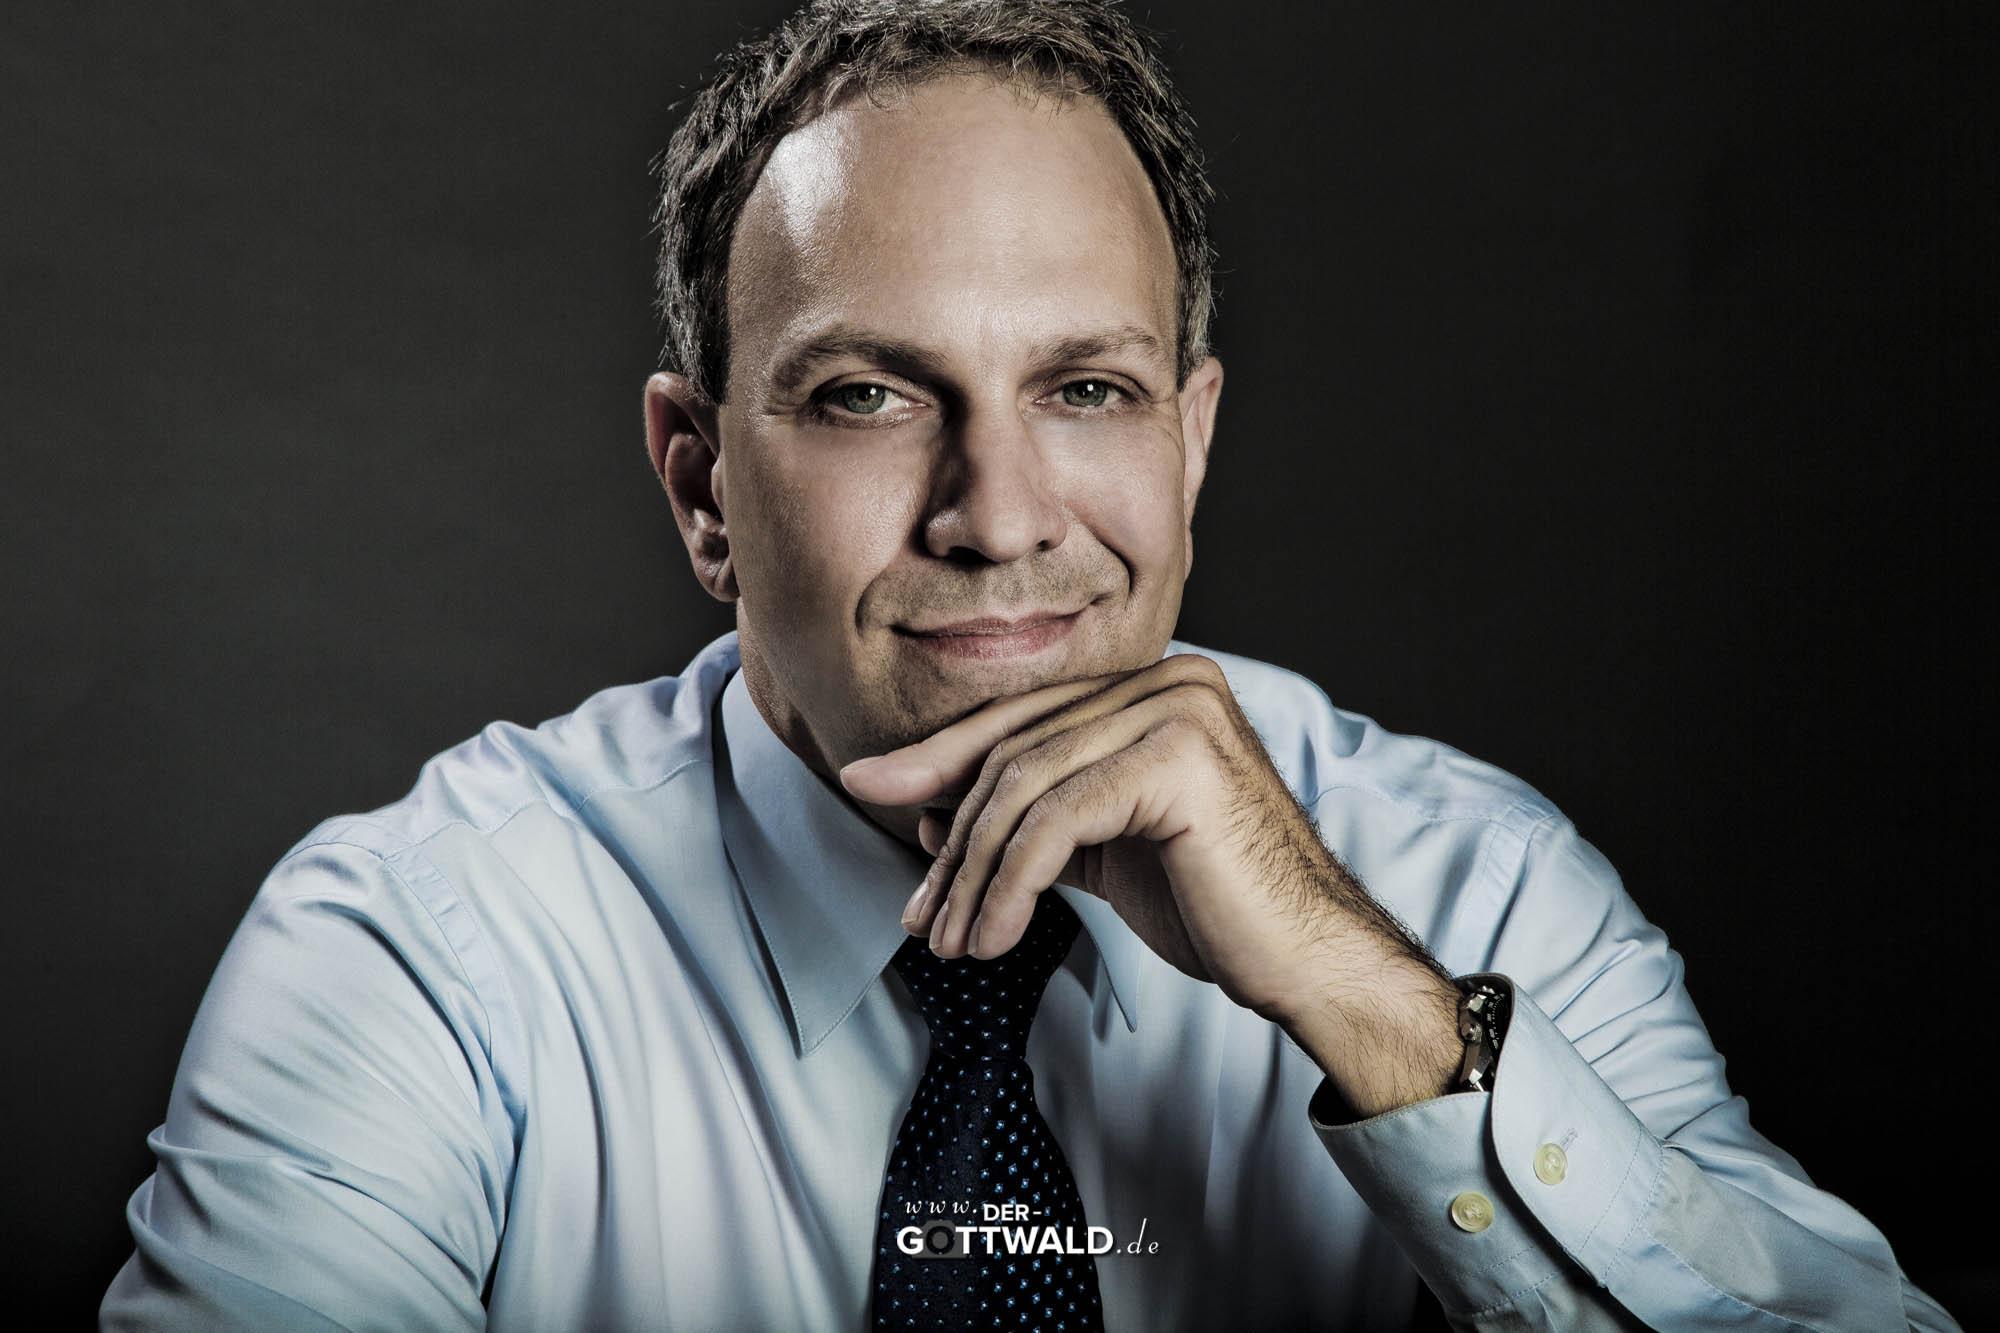 der-gottwaldDE - Business-Portrait 14.jpg